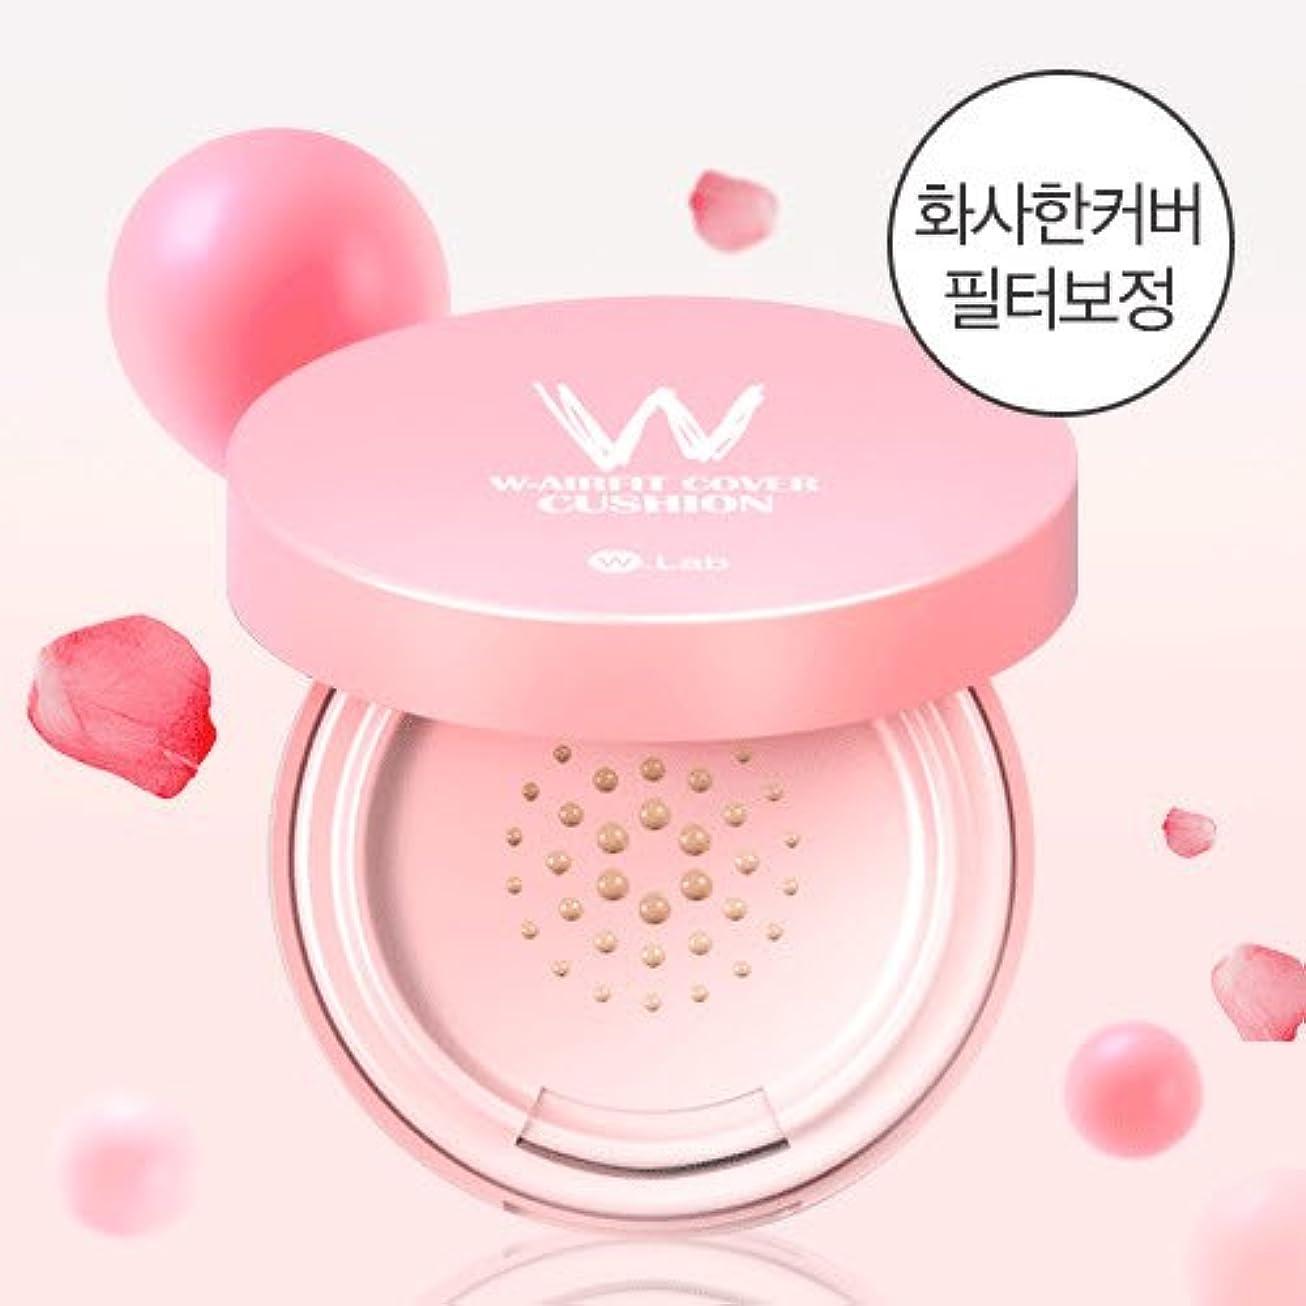 呼びかける構成員しみW.Lab(Wラボ) ピンクホールクッション/Pink Hole Cushion (#21) [並行輸入品]